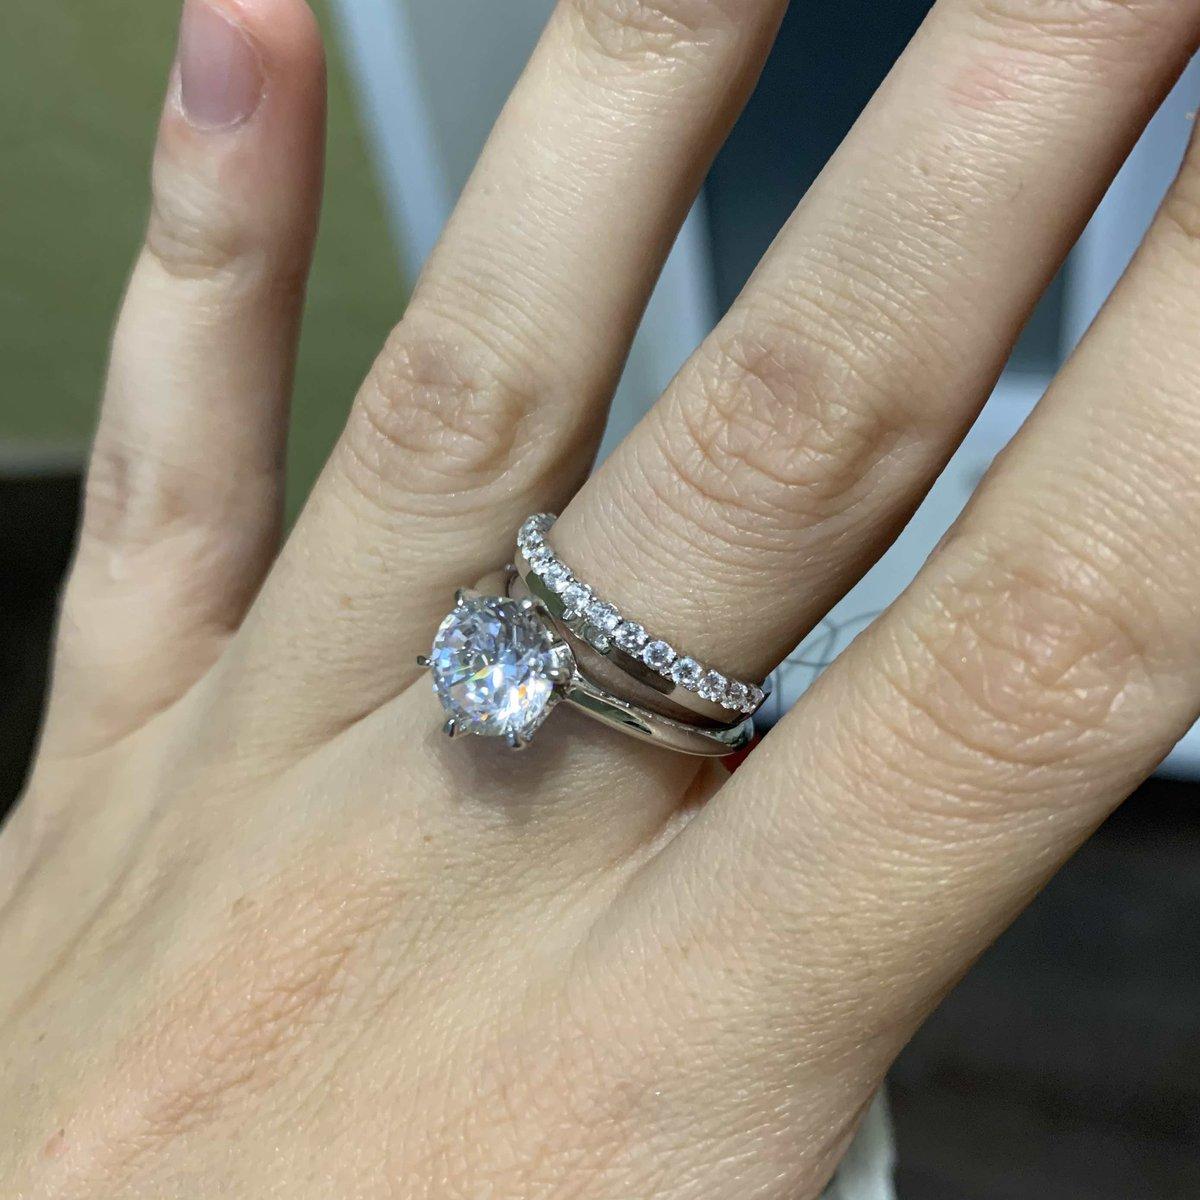 Кольцо дорожка отличное дополнение к крупному камню